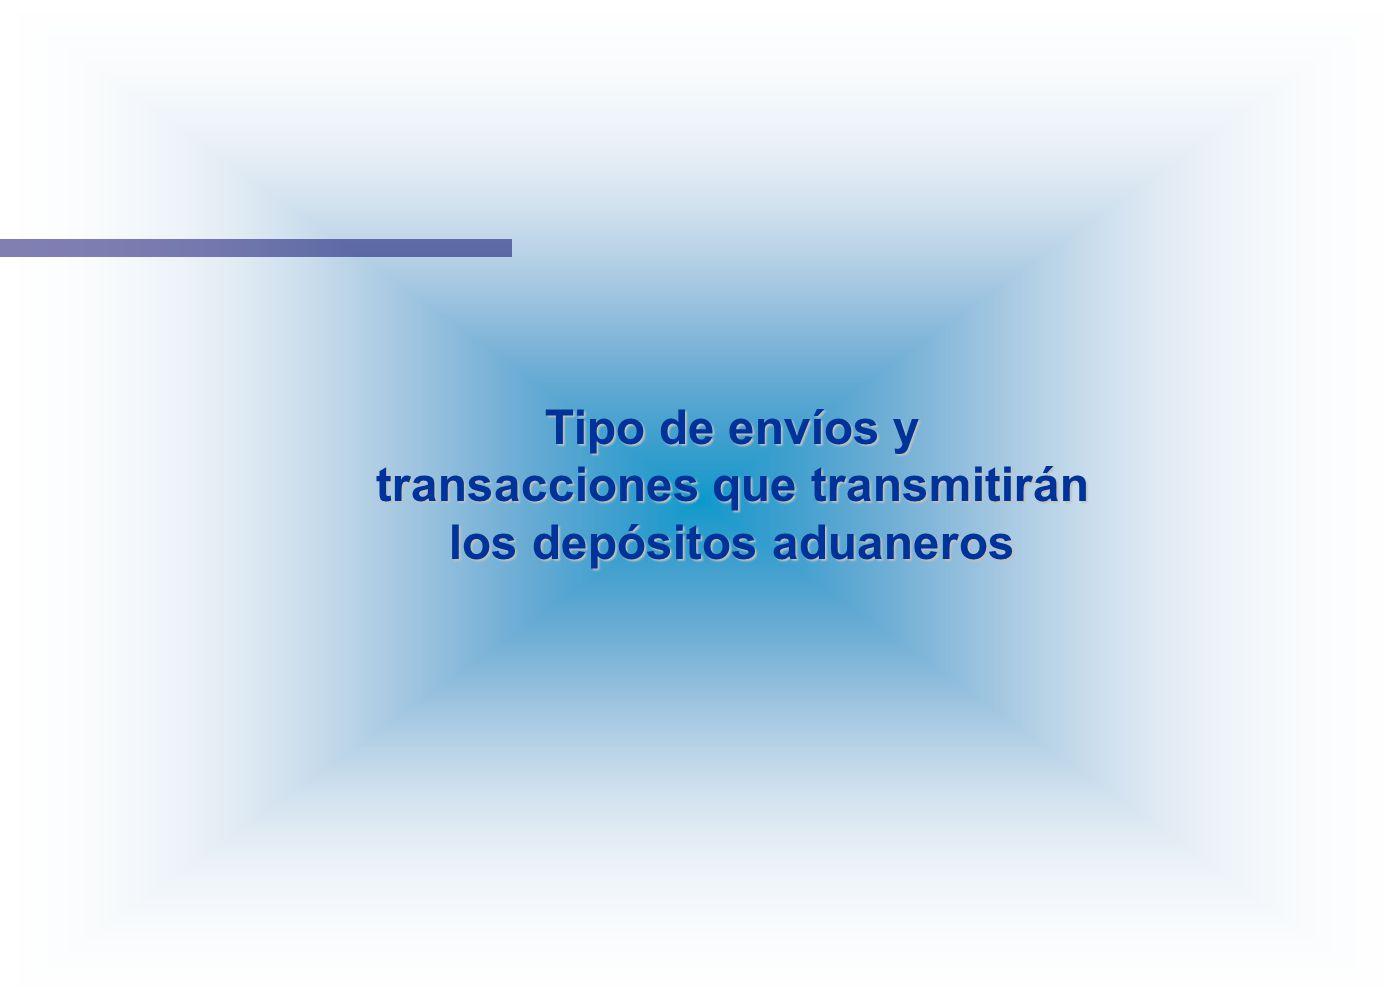 transacciones que transmitirán los depósitos aduaneros